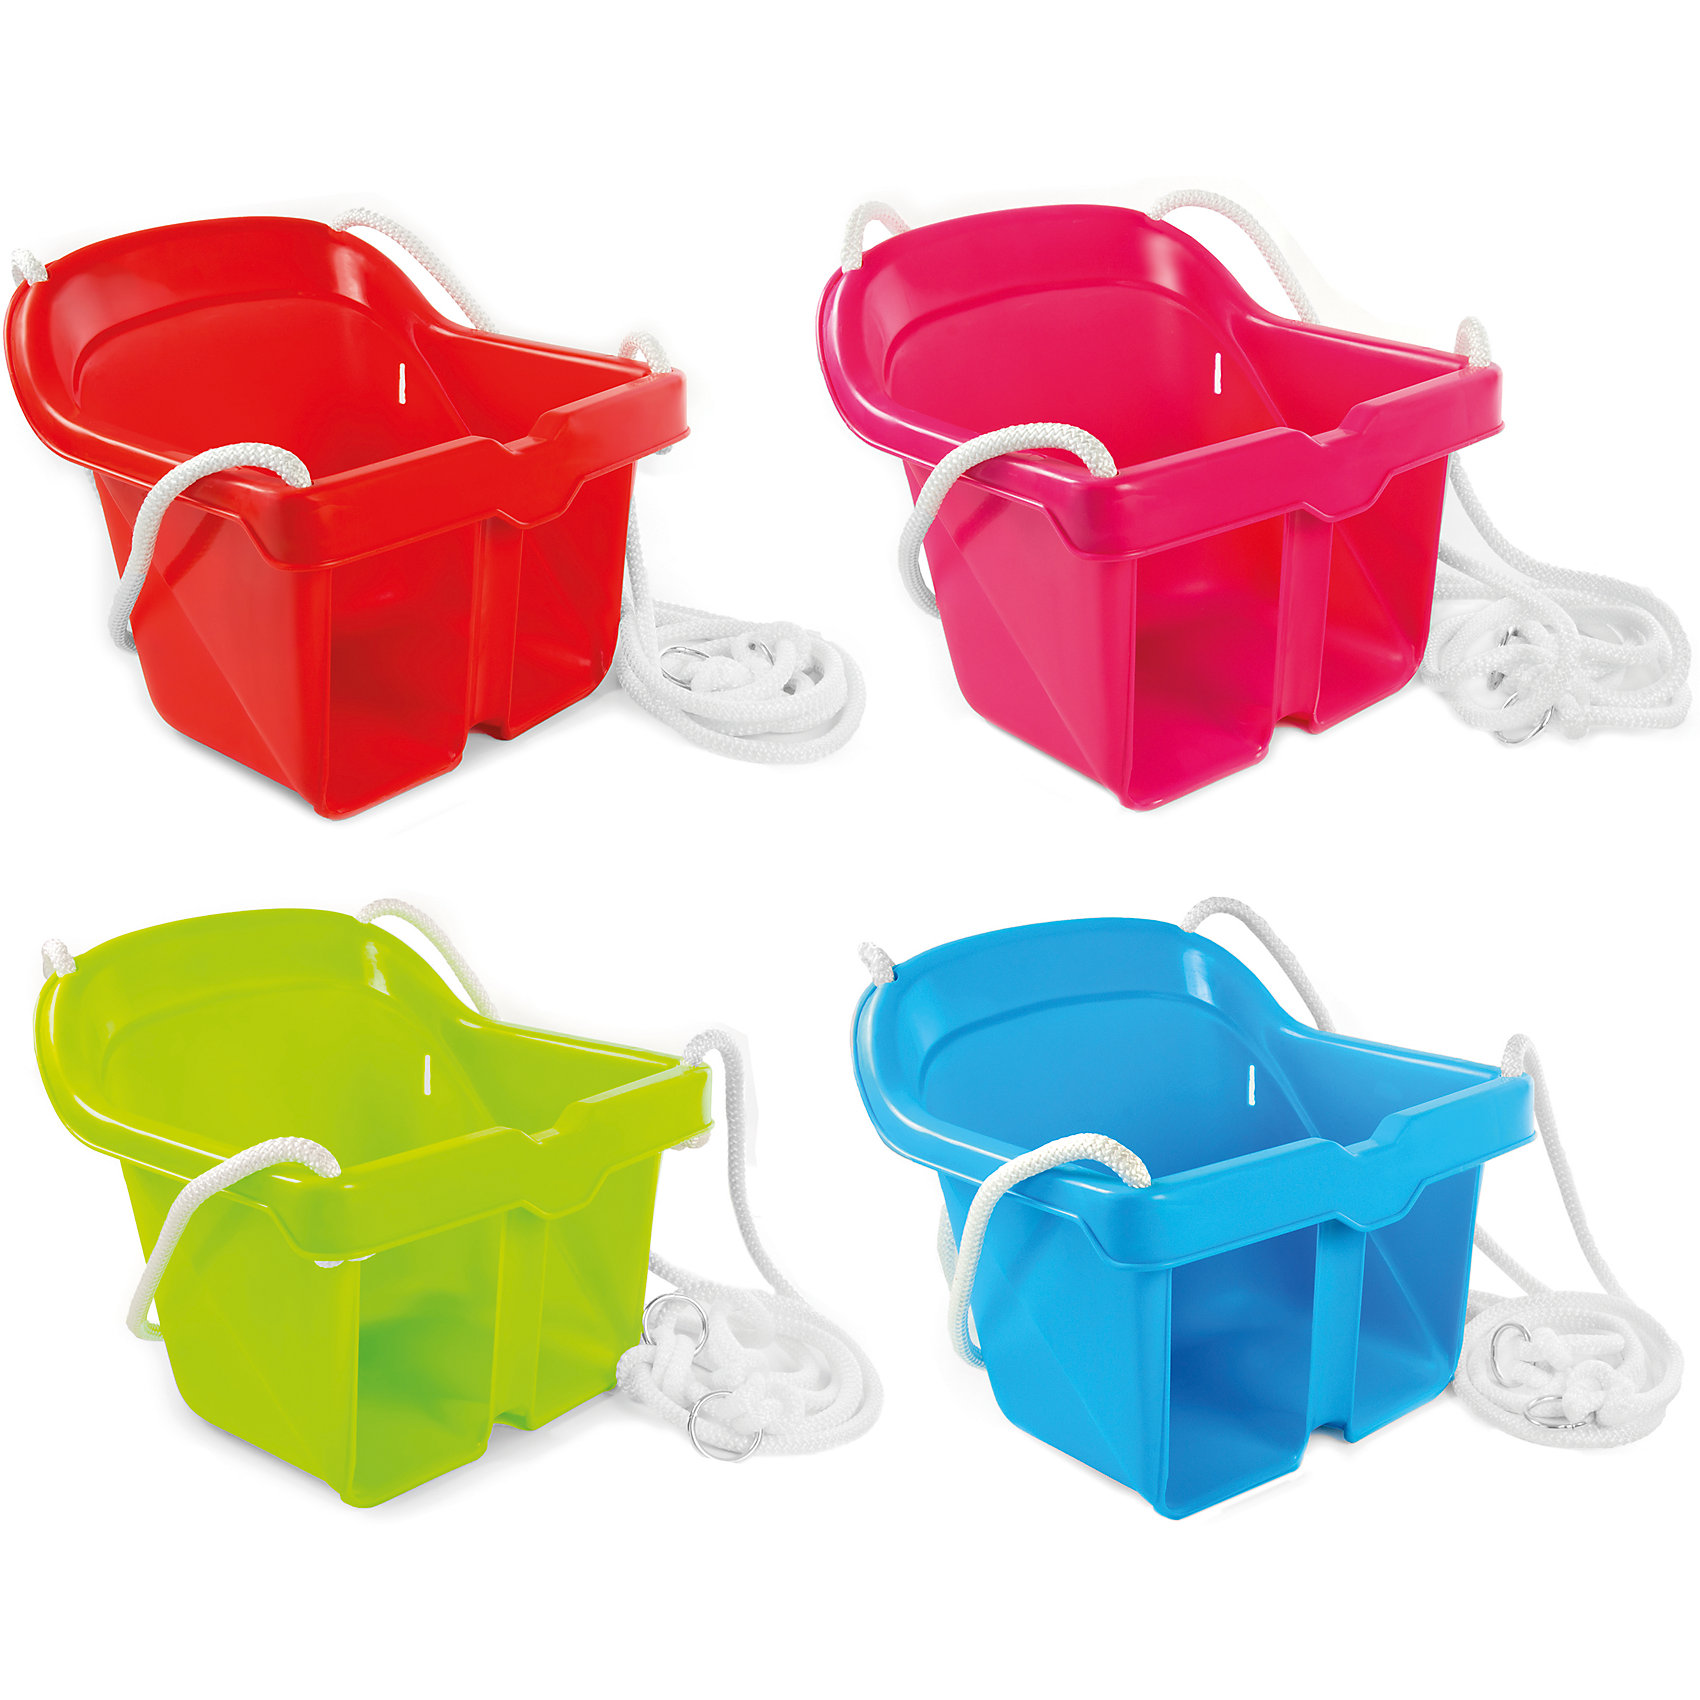 Качели подвесные голубые, MochtoysКачели пригодятся для игры дома и на улице.Качели изготовлены из качественного яркого пластика, с загнутыми краями, которые защищают нежную кожу ребенка от натирания. Детские качели снабжены защитным ограничителем от выпадения и высокой спинкой для удобного сидения. Веревка идет в комплекте.<br><br>Ширина мм: 330<br>Глубина мм: 325<br>Высота мм: 280<br>Вес г: 21122<br>Возраст от месяцев: 12<br>Возраст до месяцев: 84<br>Пол: Унисекс<br>Возраст: Детский<br>SKU: 5510722